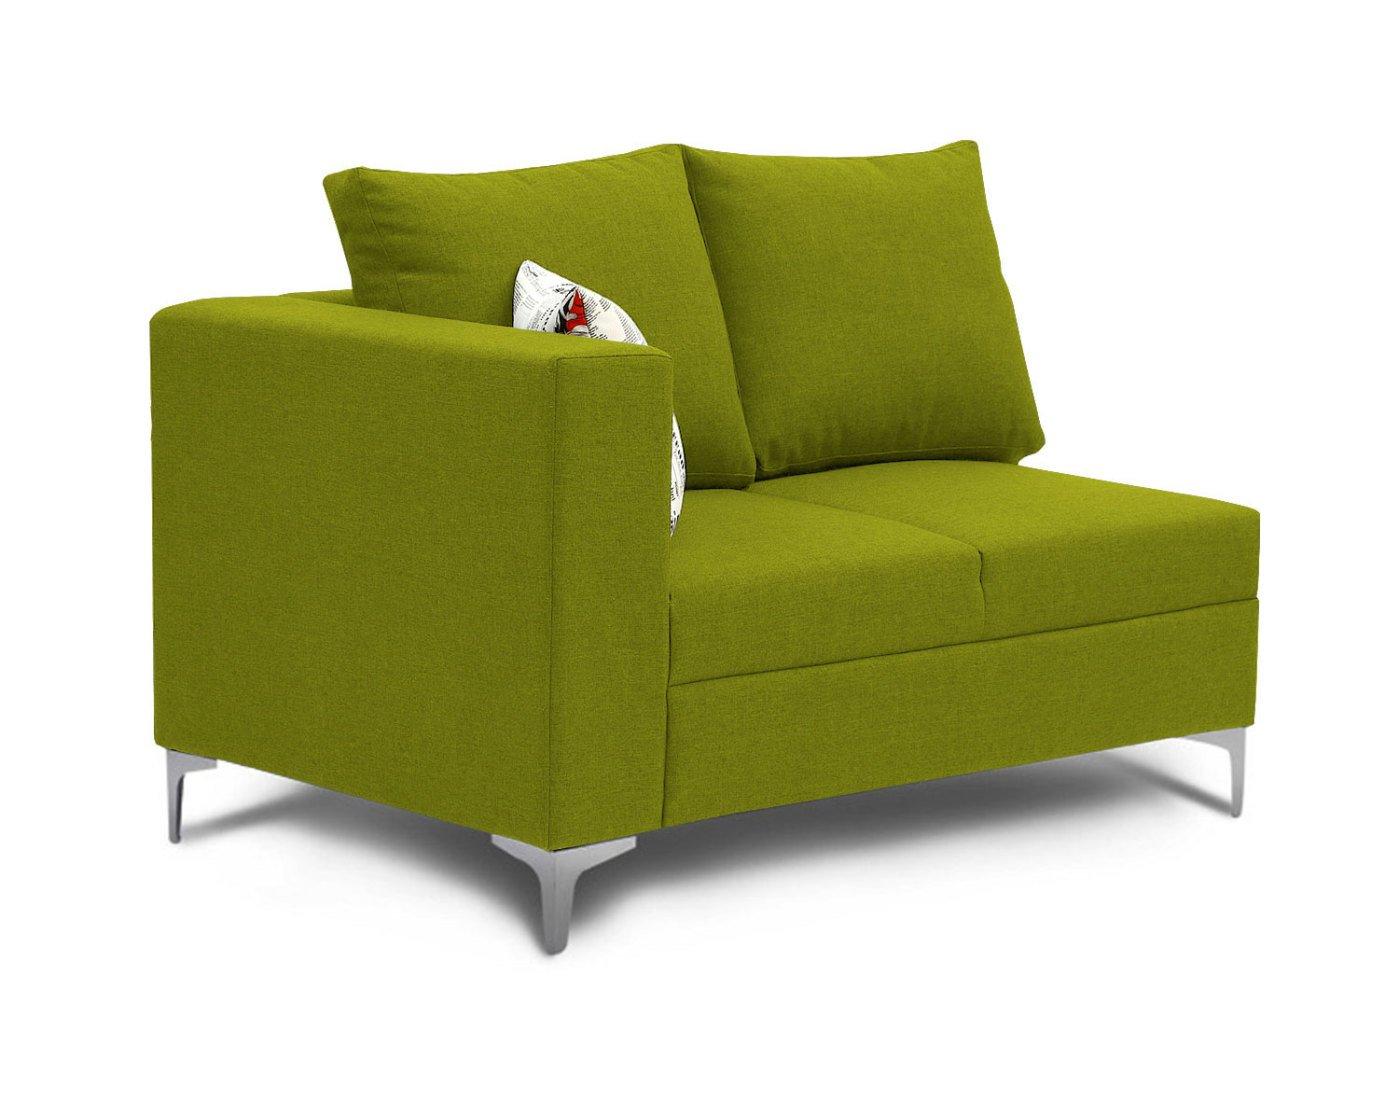 Stoa Paris Two Seater Sofa Parrot Green Amazon In Home Kitchen